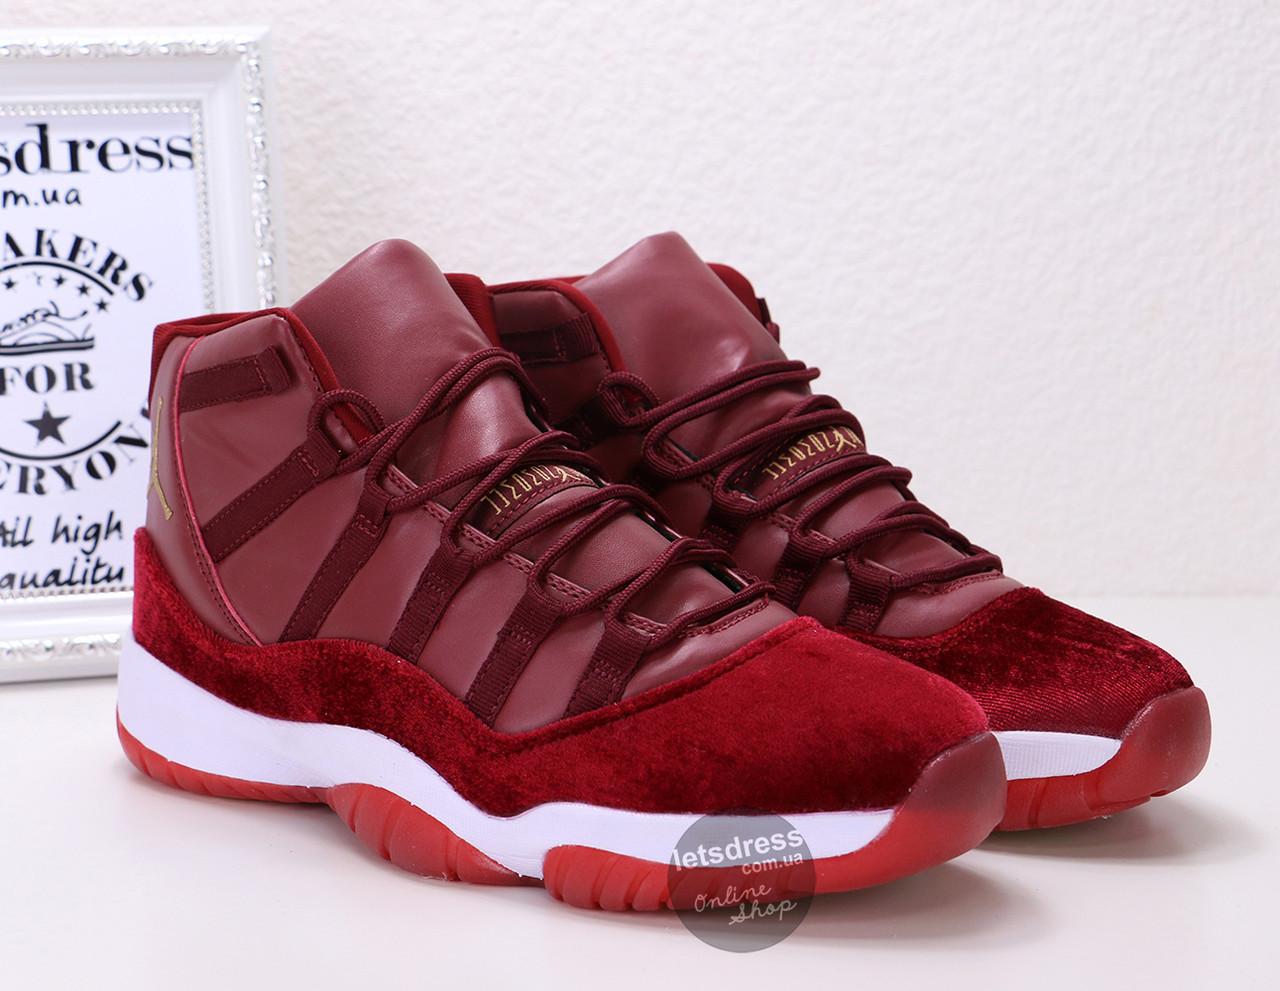 Кроссовки мужские Nike Air Jordan 11 GG Heiress Red Velvet | Найк Аир Жордан 11 ГГ Хиресс коасные